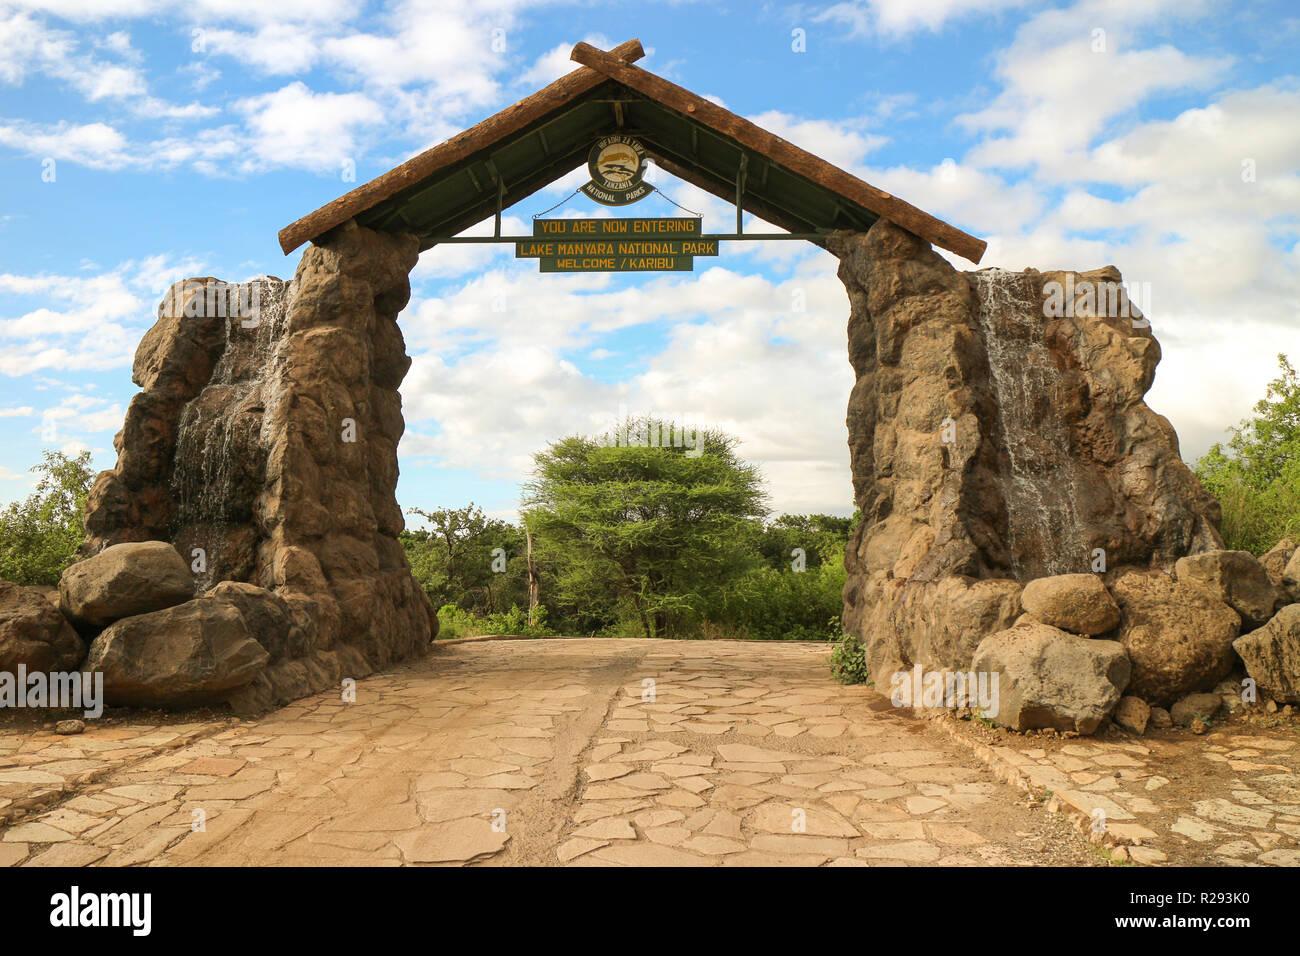 Entrance sign at Lake Manyara National Park in Tanzania. - Stock Image